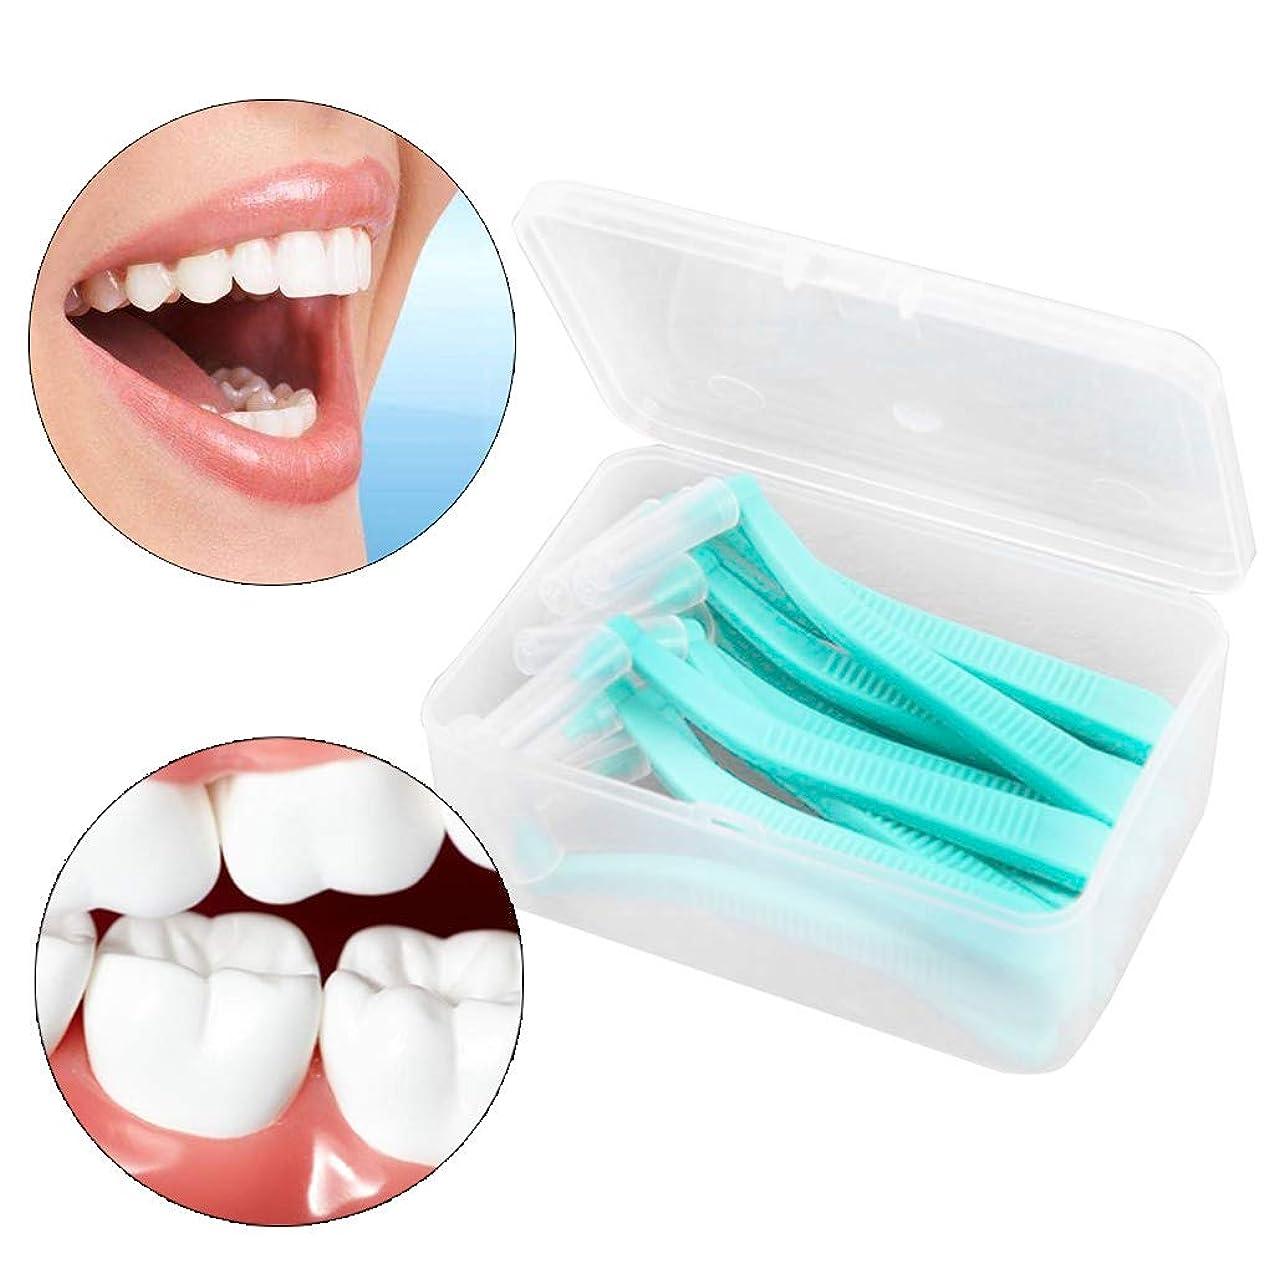 奨励します勝者小川Yblings 15本のL字型プッシュプル歯間ブラシ仕上げ食品残留物デンタルフロスを取り外す新しい